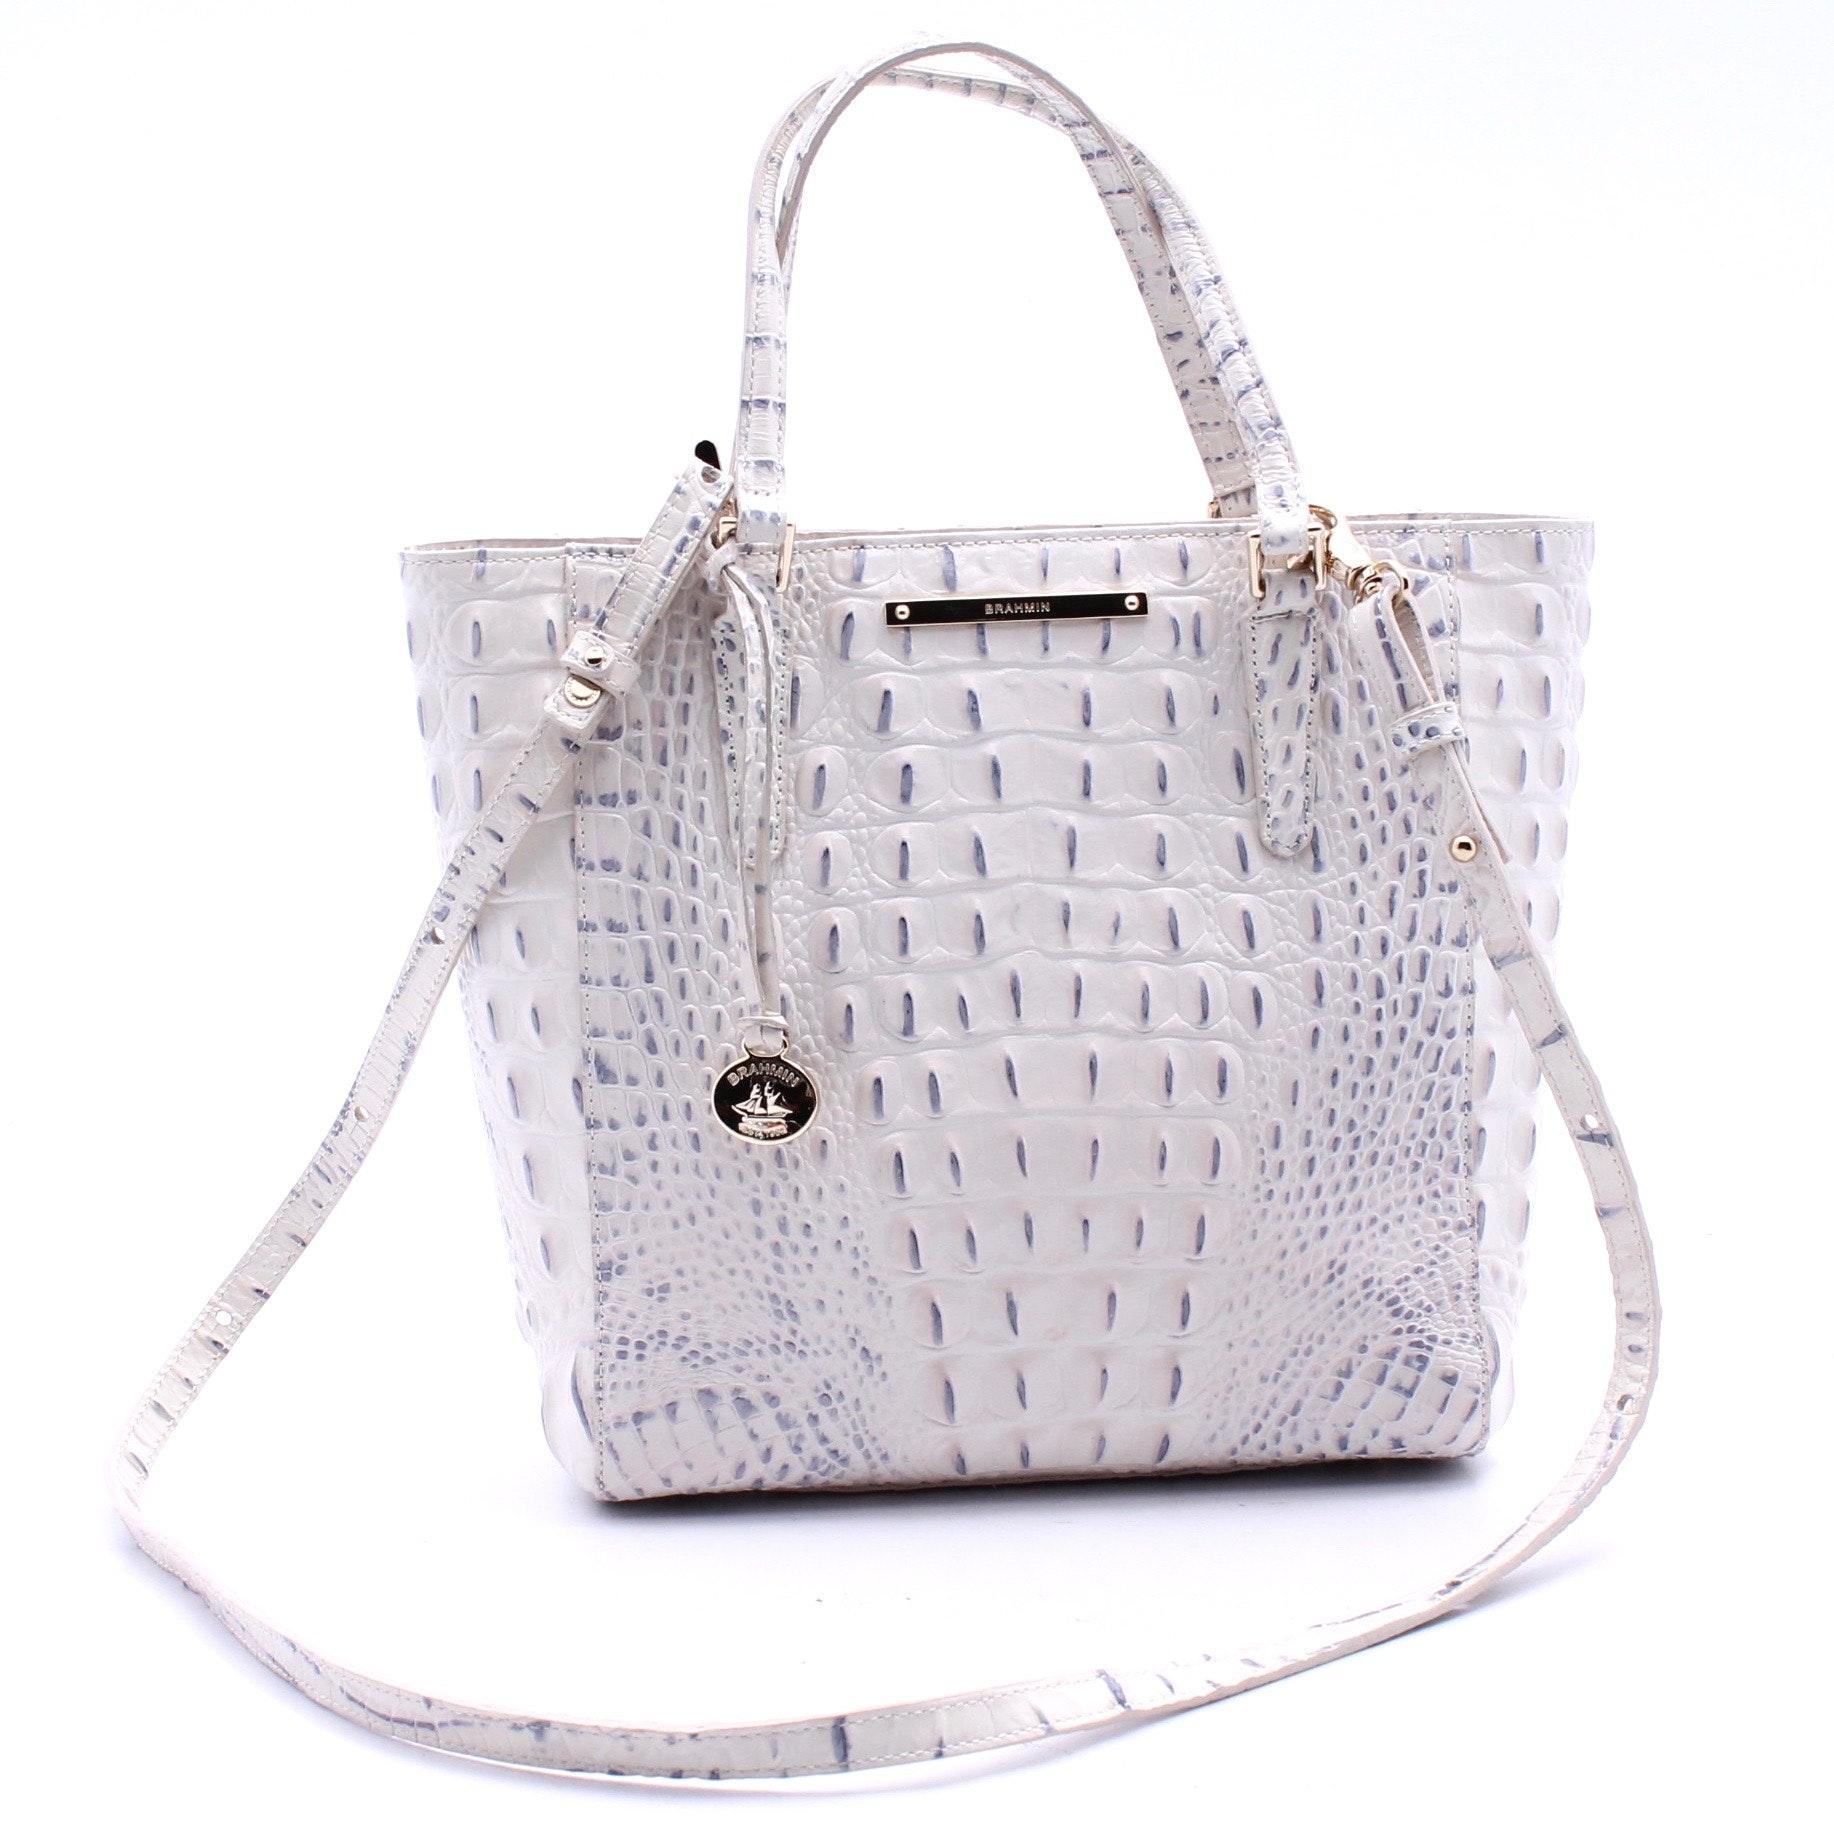 Brahmin Crocodile Embossed White Patent Leather Handbag